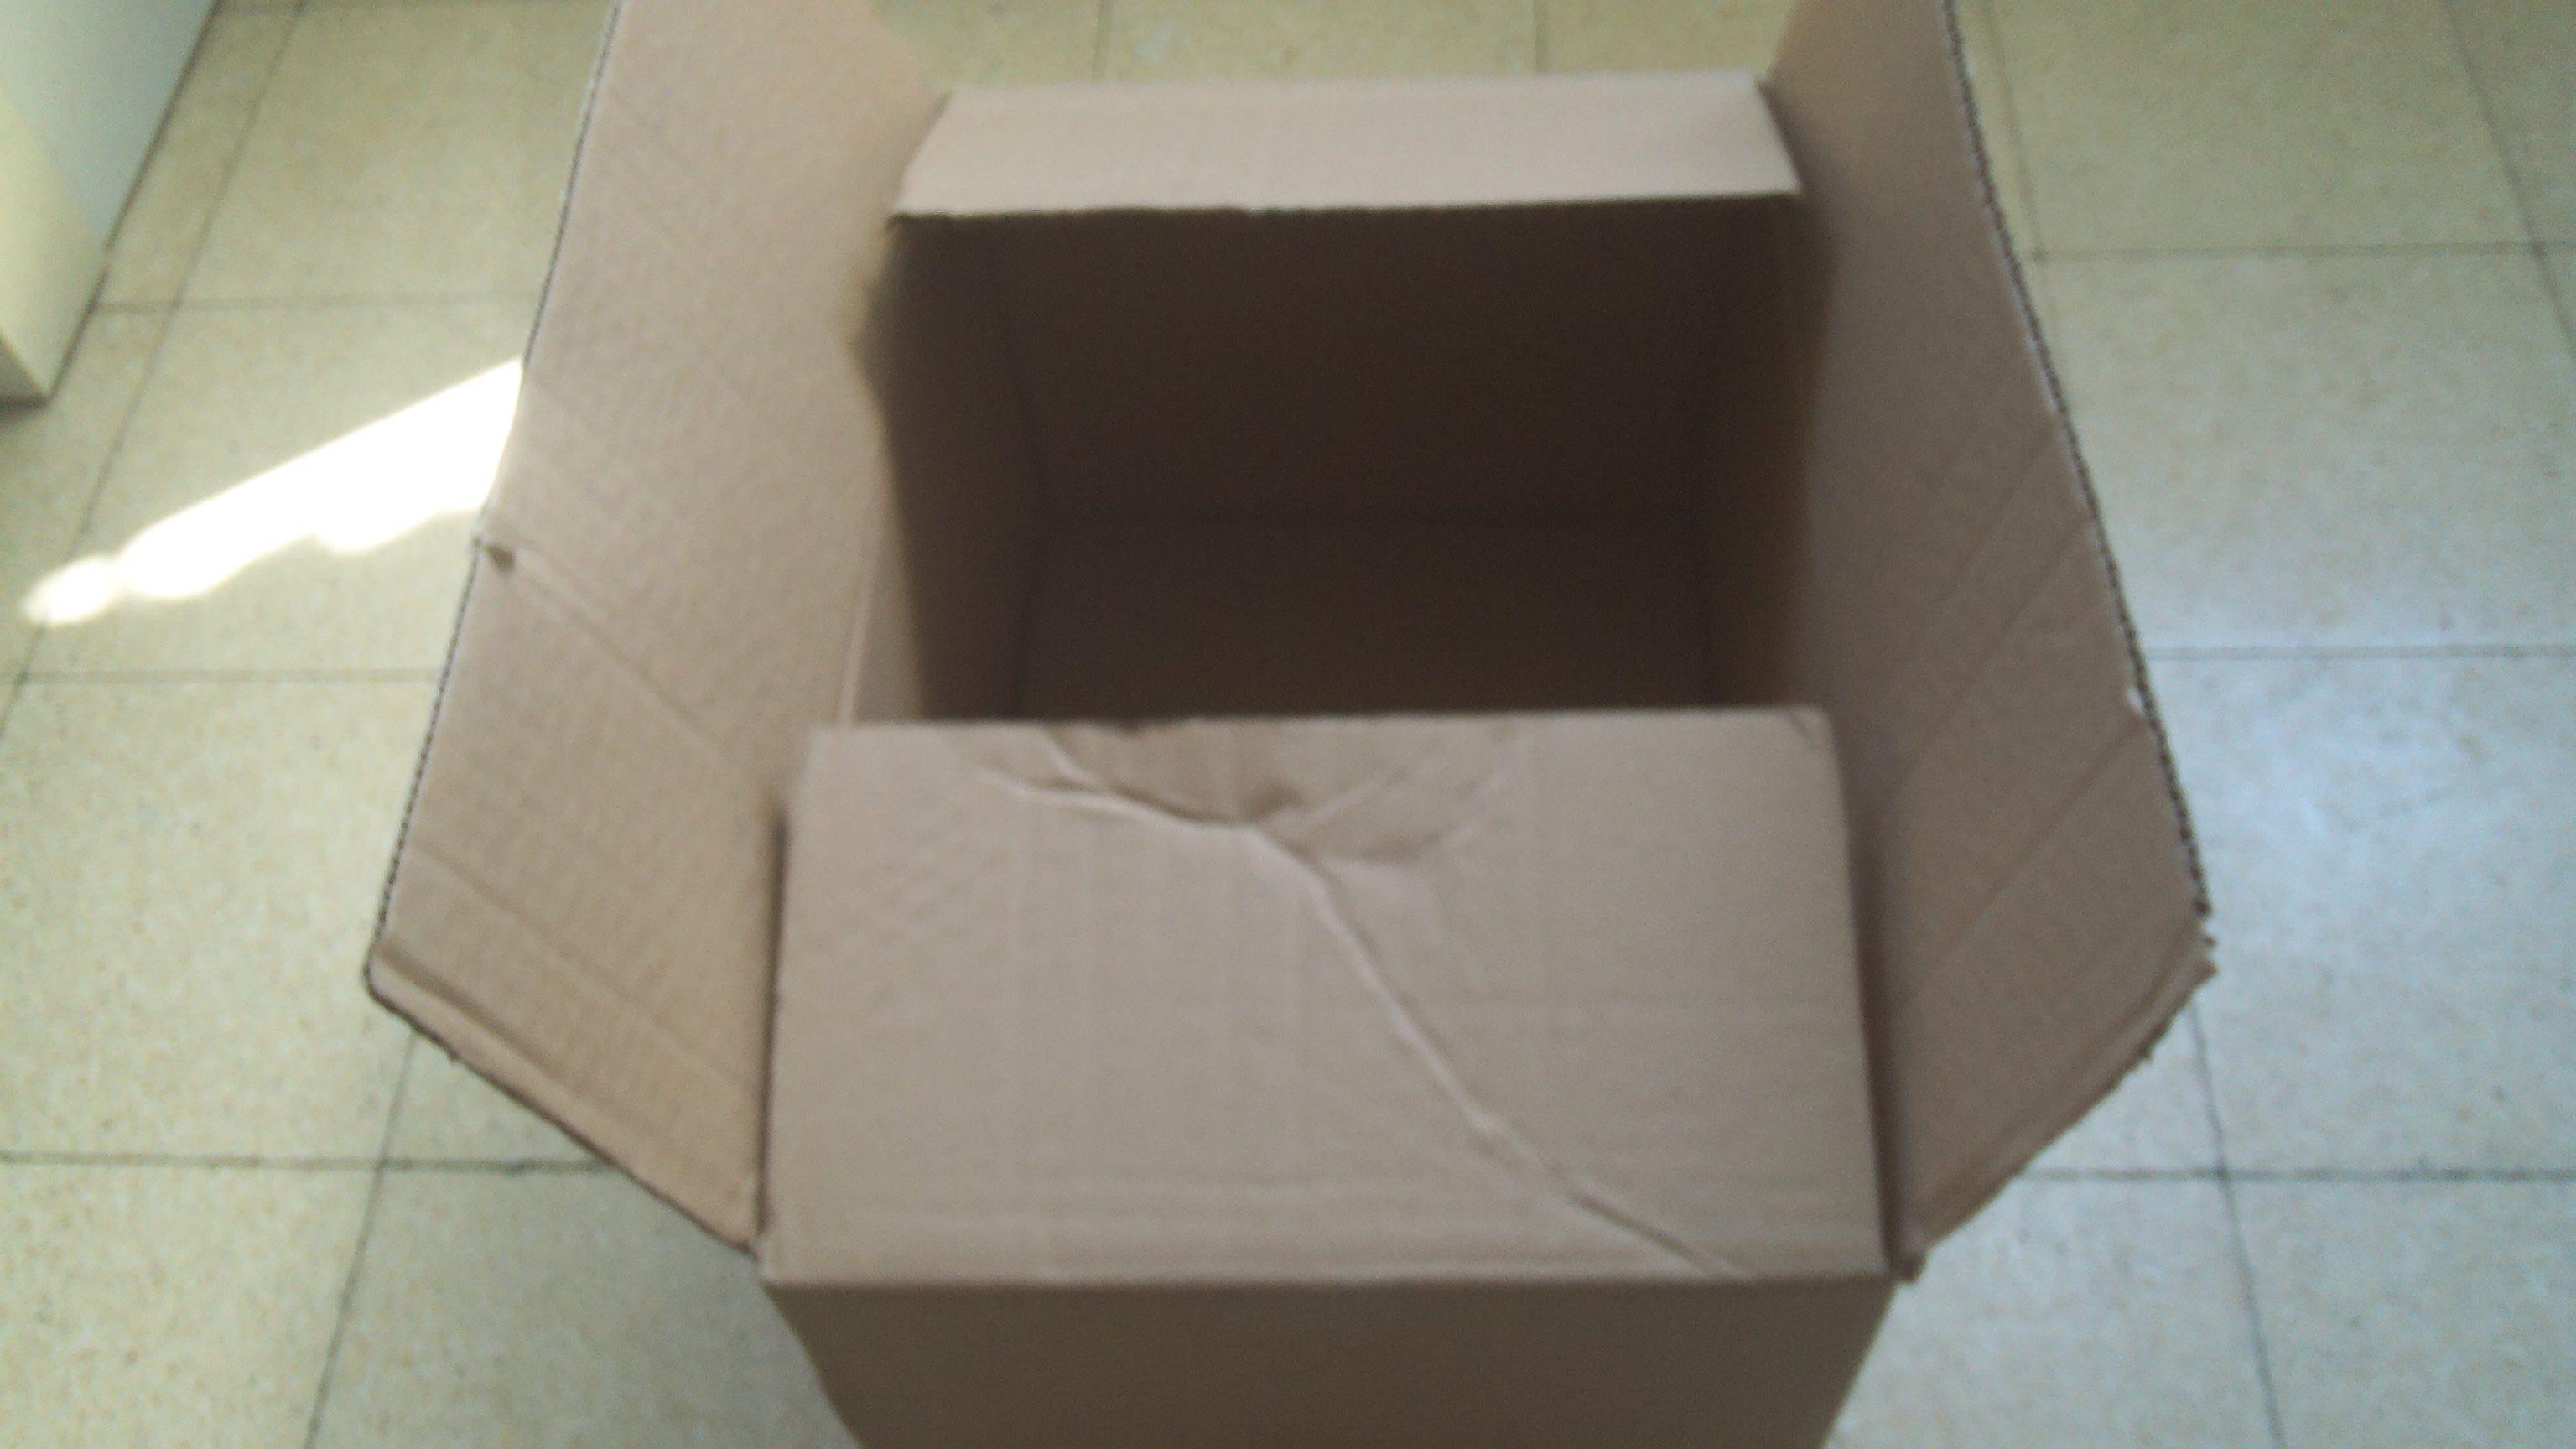 קופסא מהסוג המתאים להכנת תאטרון בובות